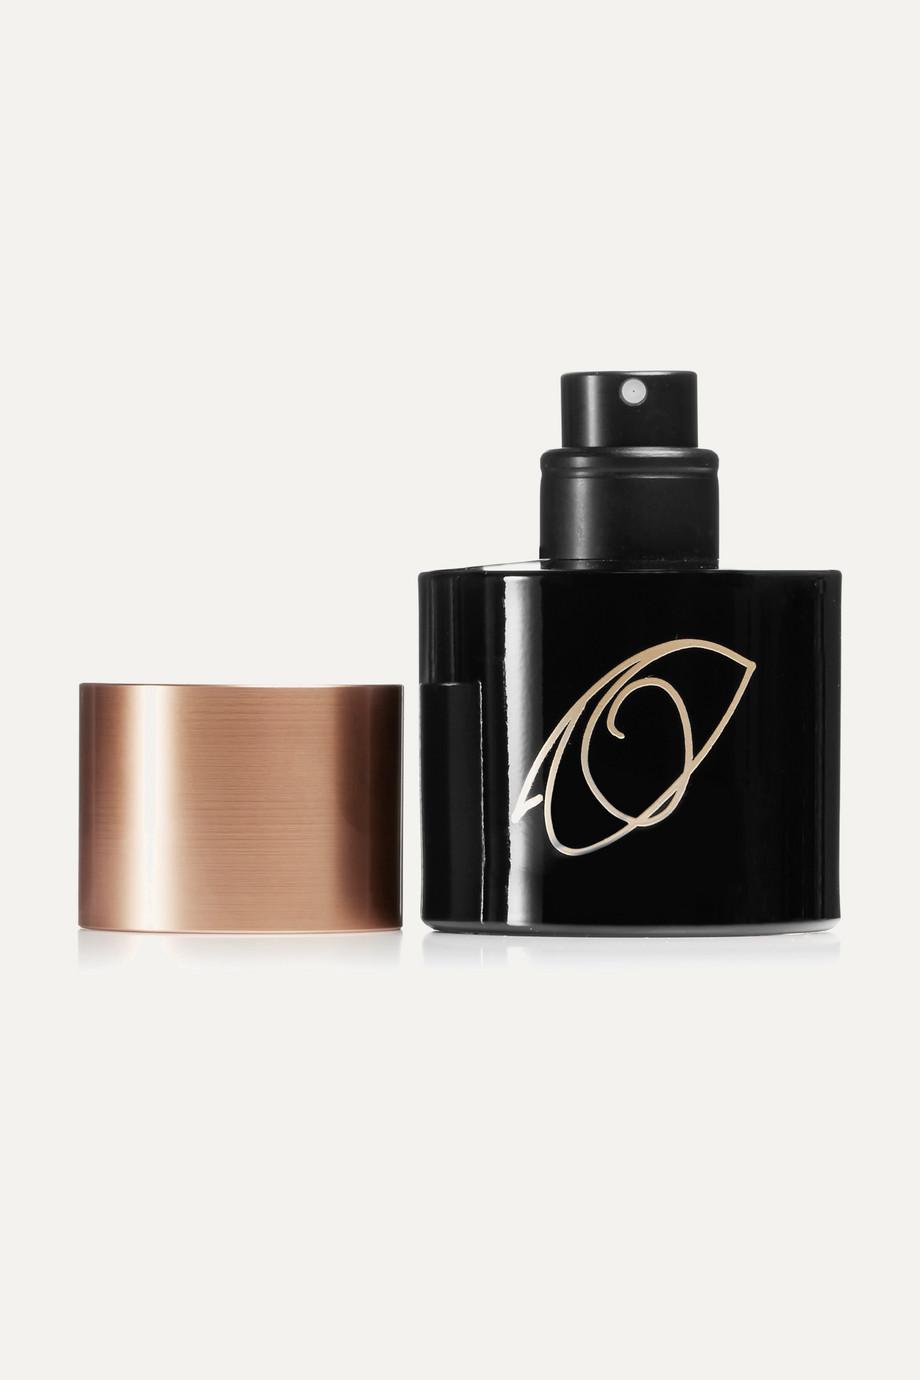 Frederic Malle Superstitious – Türkische Rose, Ägyptischer Jasmin & Aldehyd, 50 ml – Eau de Parfum